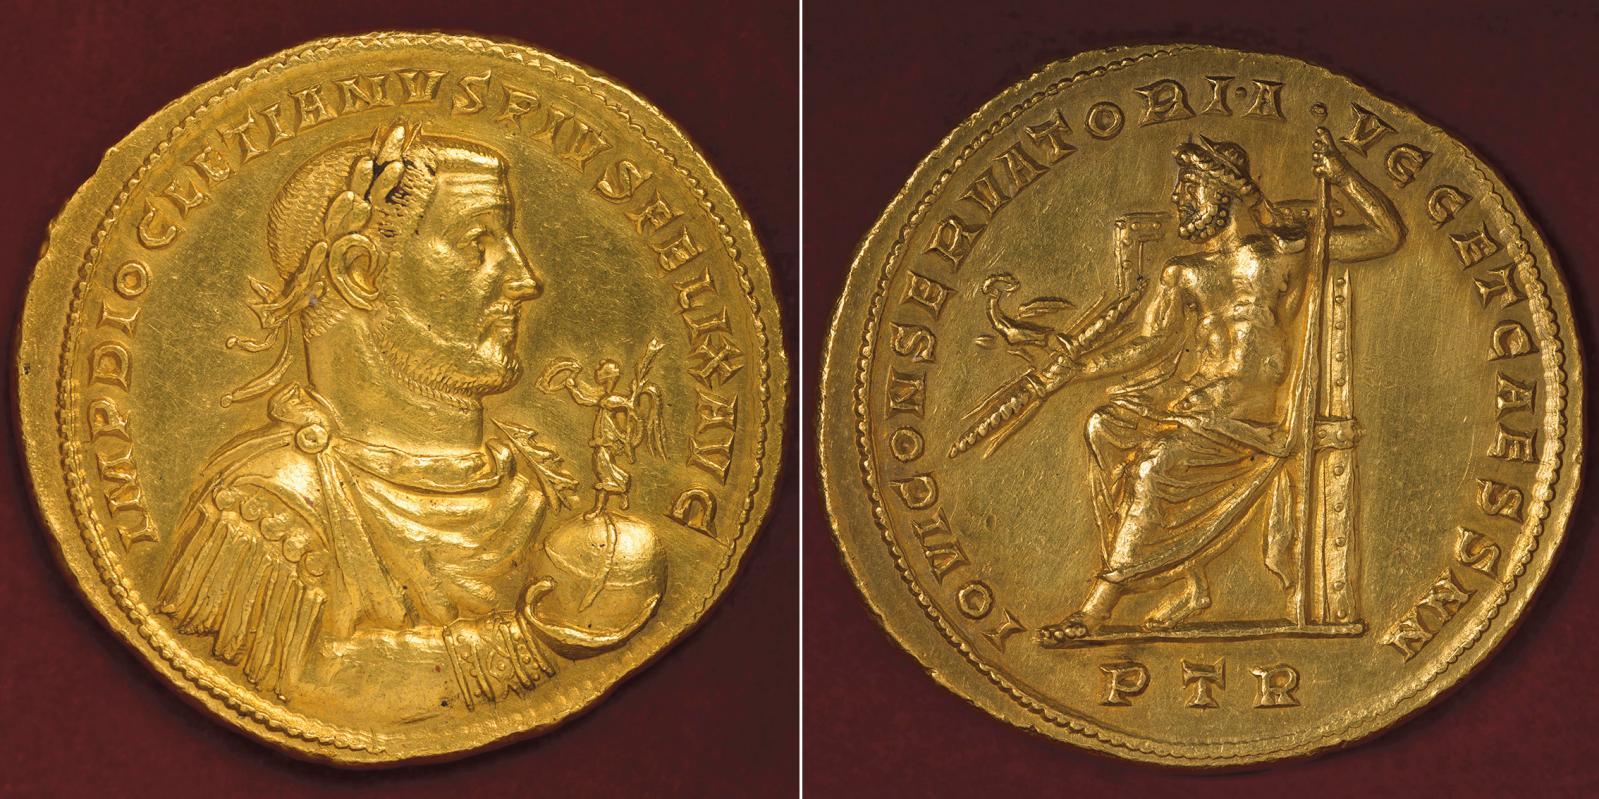 Multiple de 10aurei à l'effigie de Dioclétien, émis à Trèves en 304 pour fêter l'anniversaire de la Tétrarchie (Vicennalia), or, 52,6g.